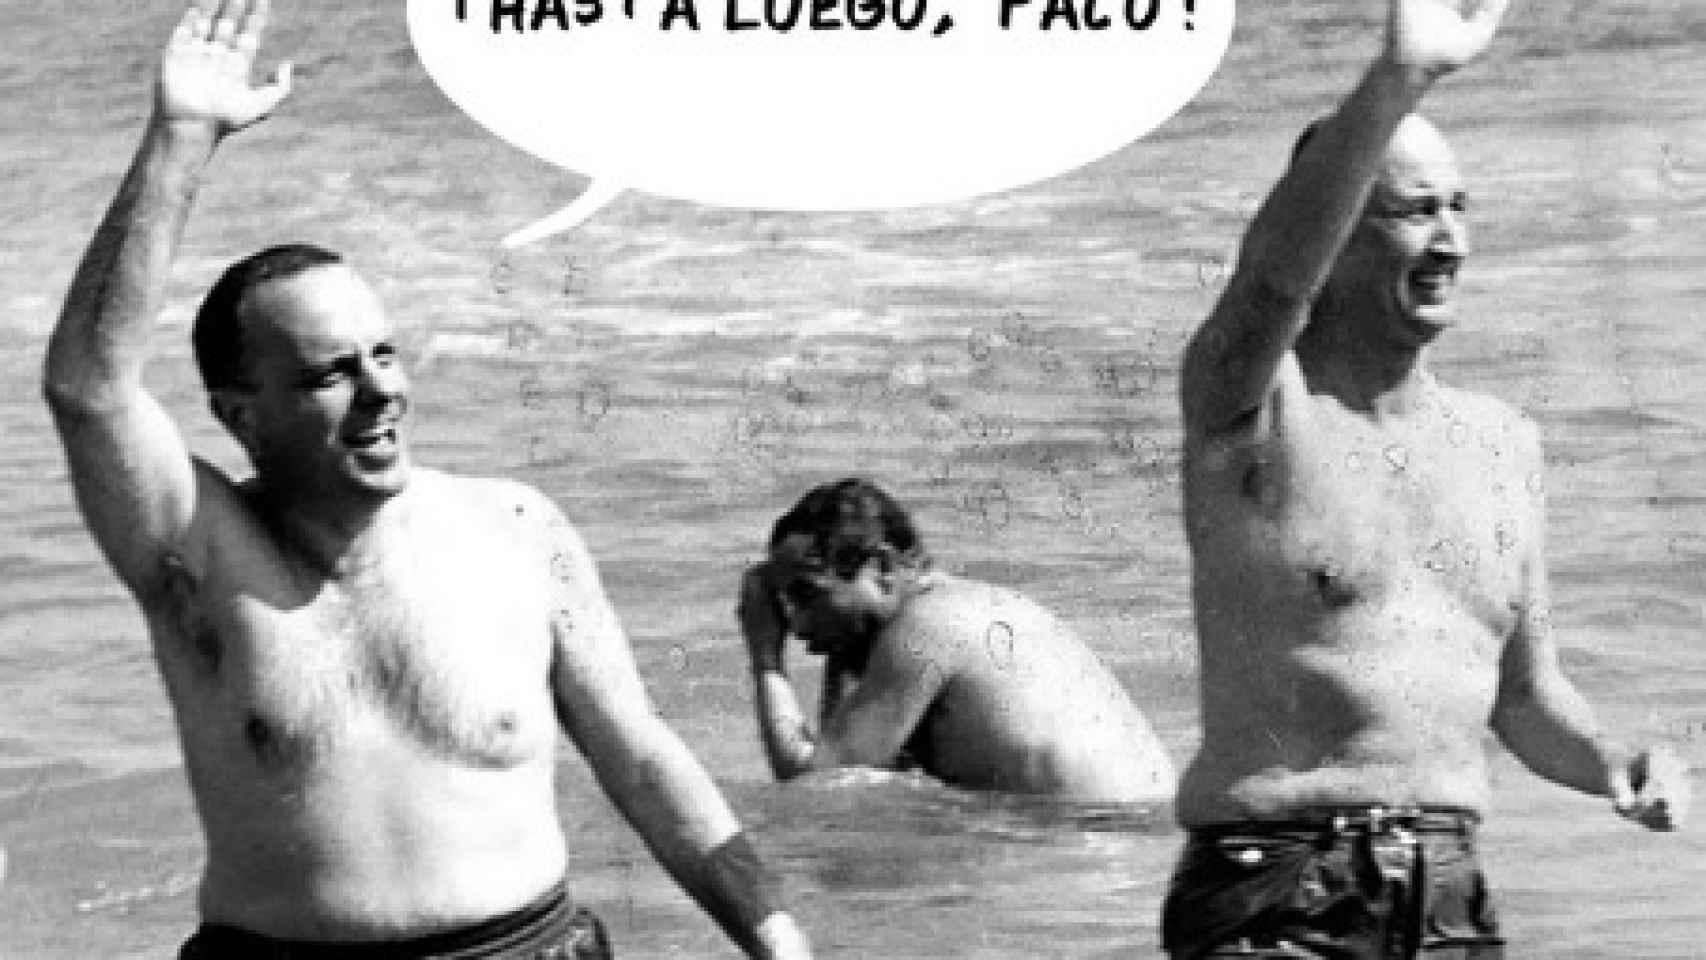 Un 'meme' con la mítica foto de Palomares en la que aparece Manuel Fraga.